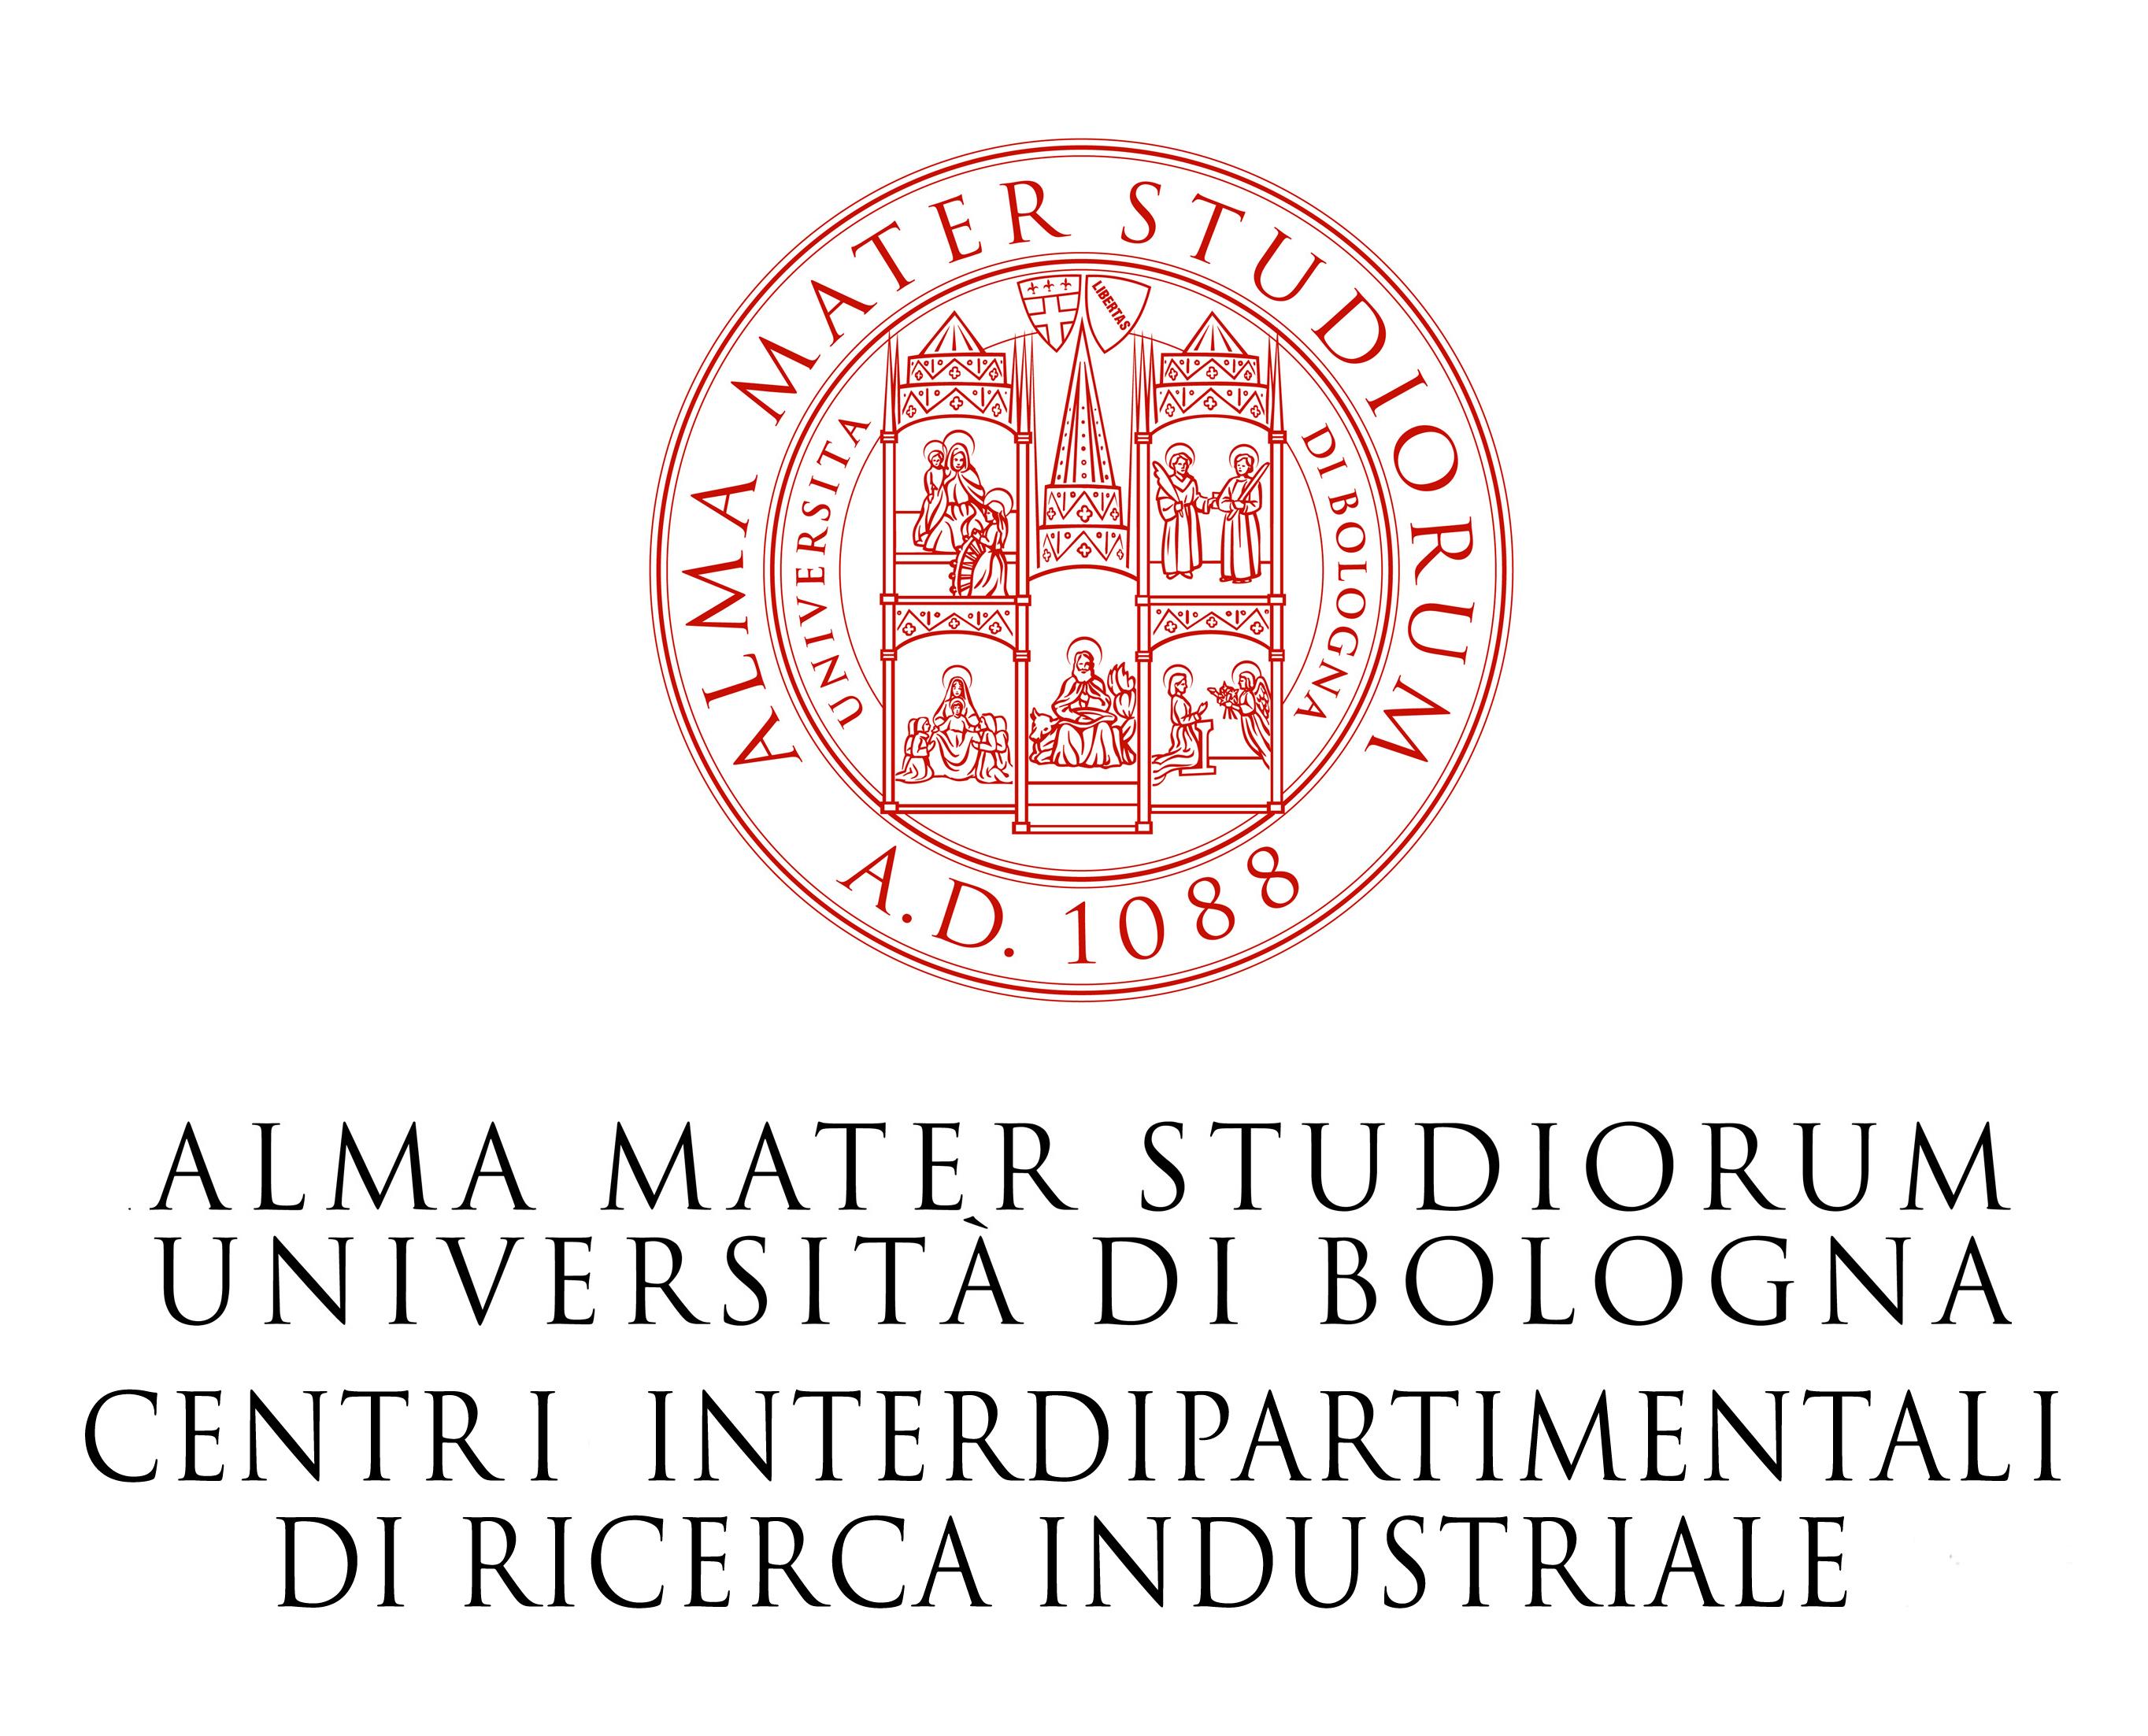 Università di Bologna- Centro Interdipartimentale di Ricerca Industriale